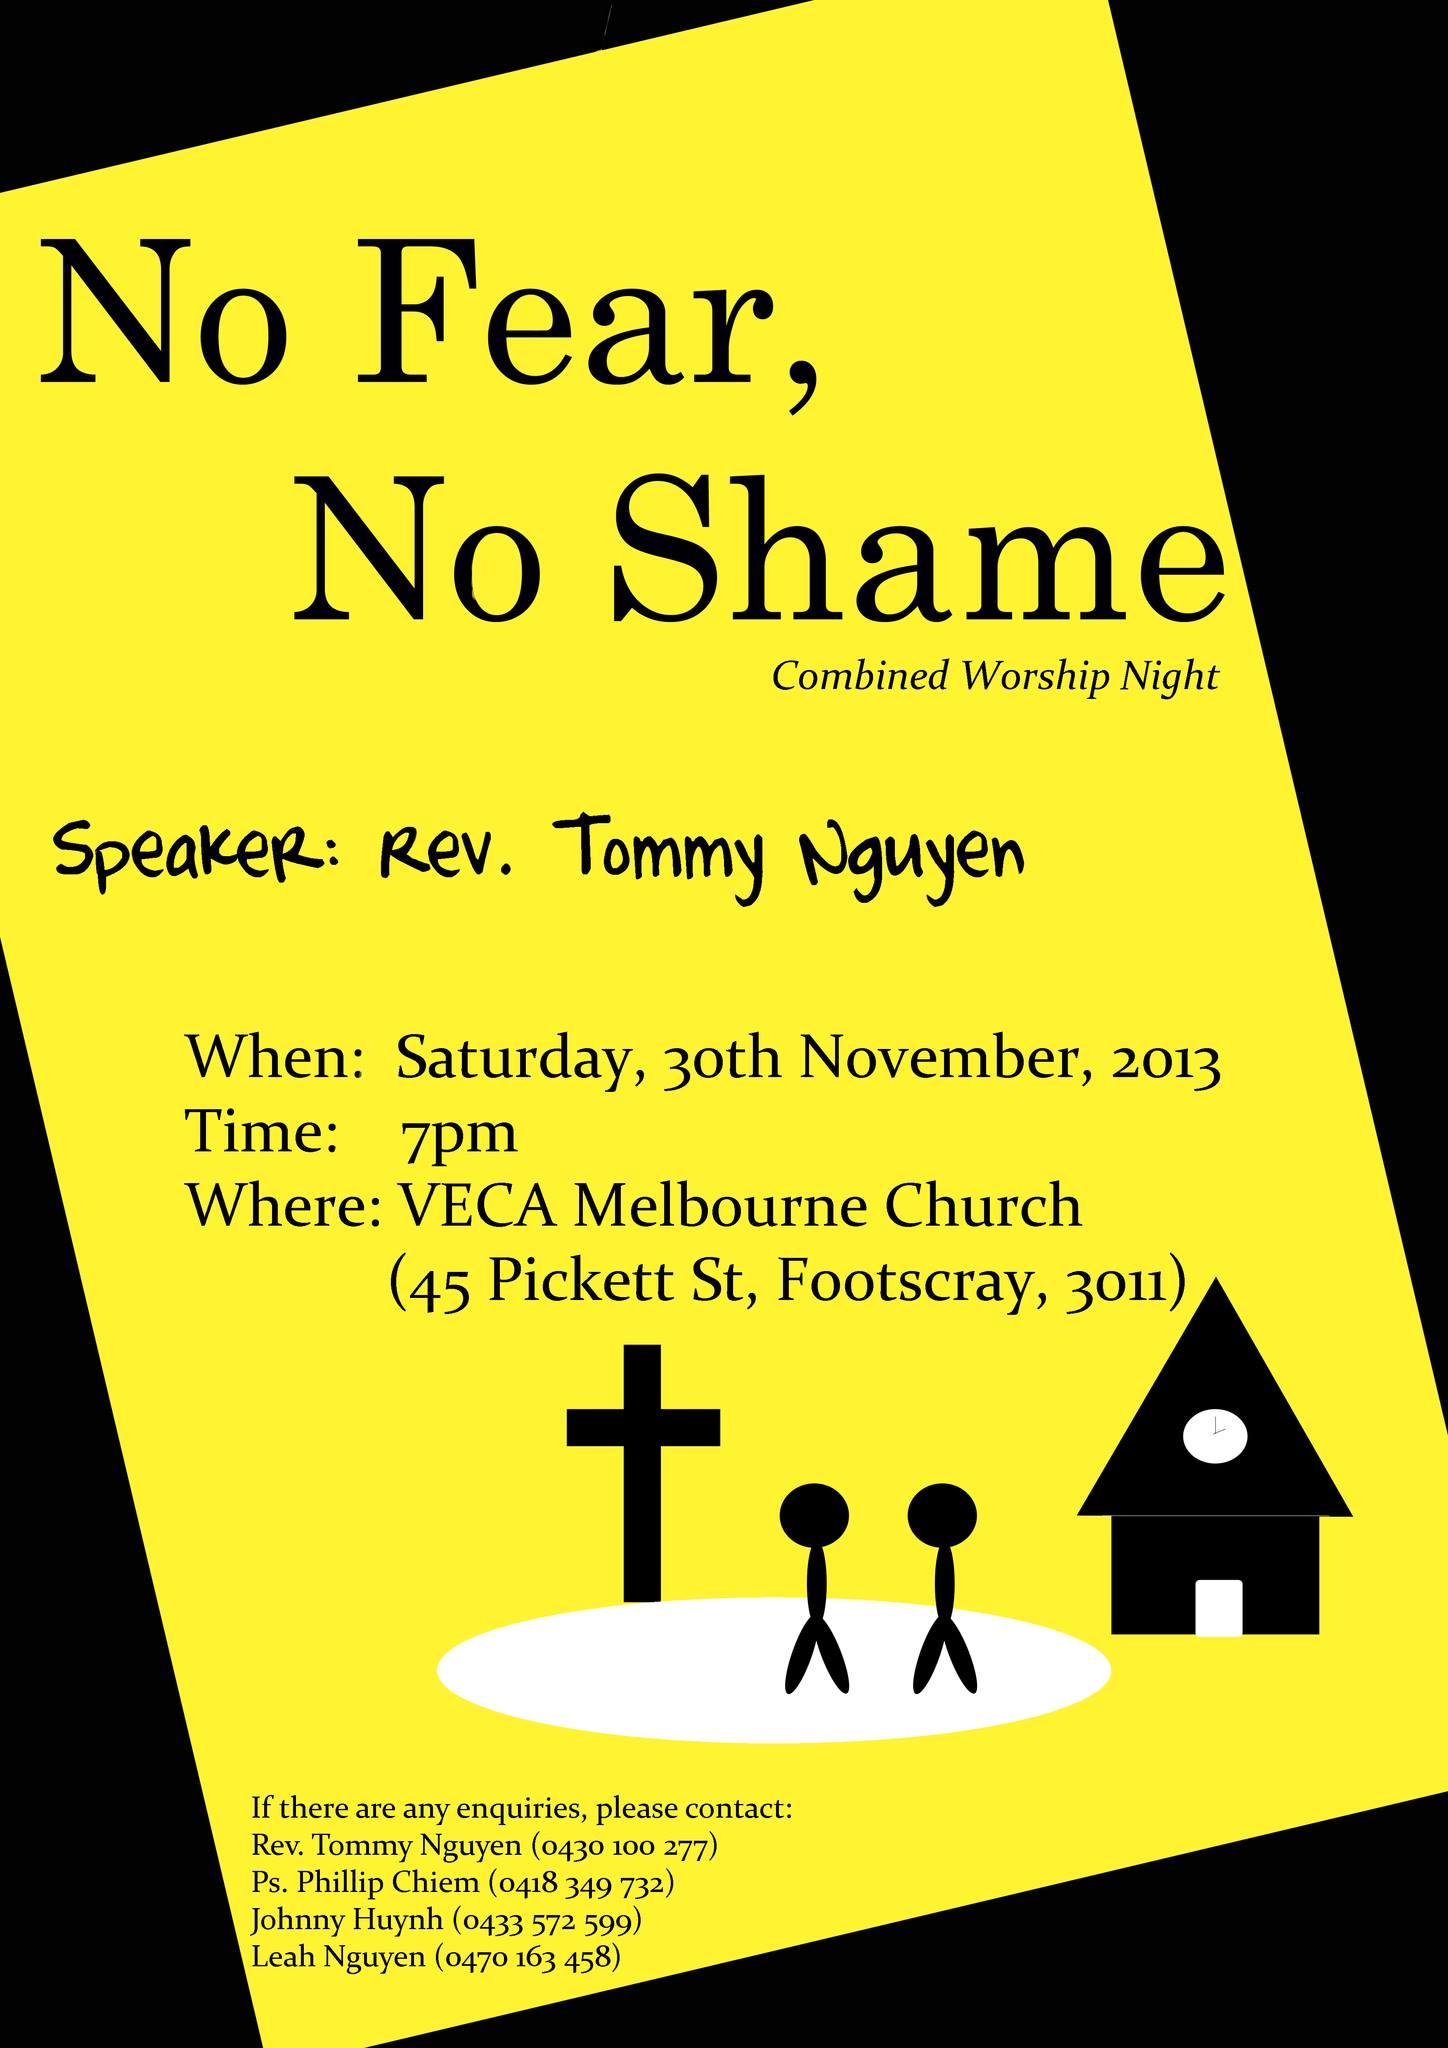 No Fear No Shame